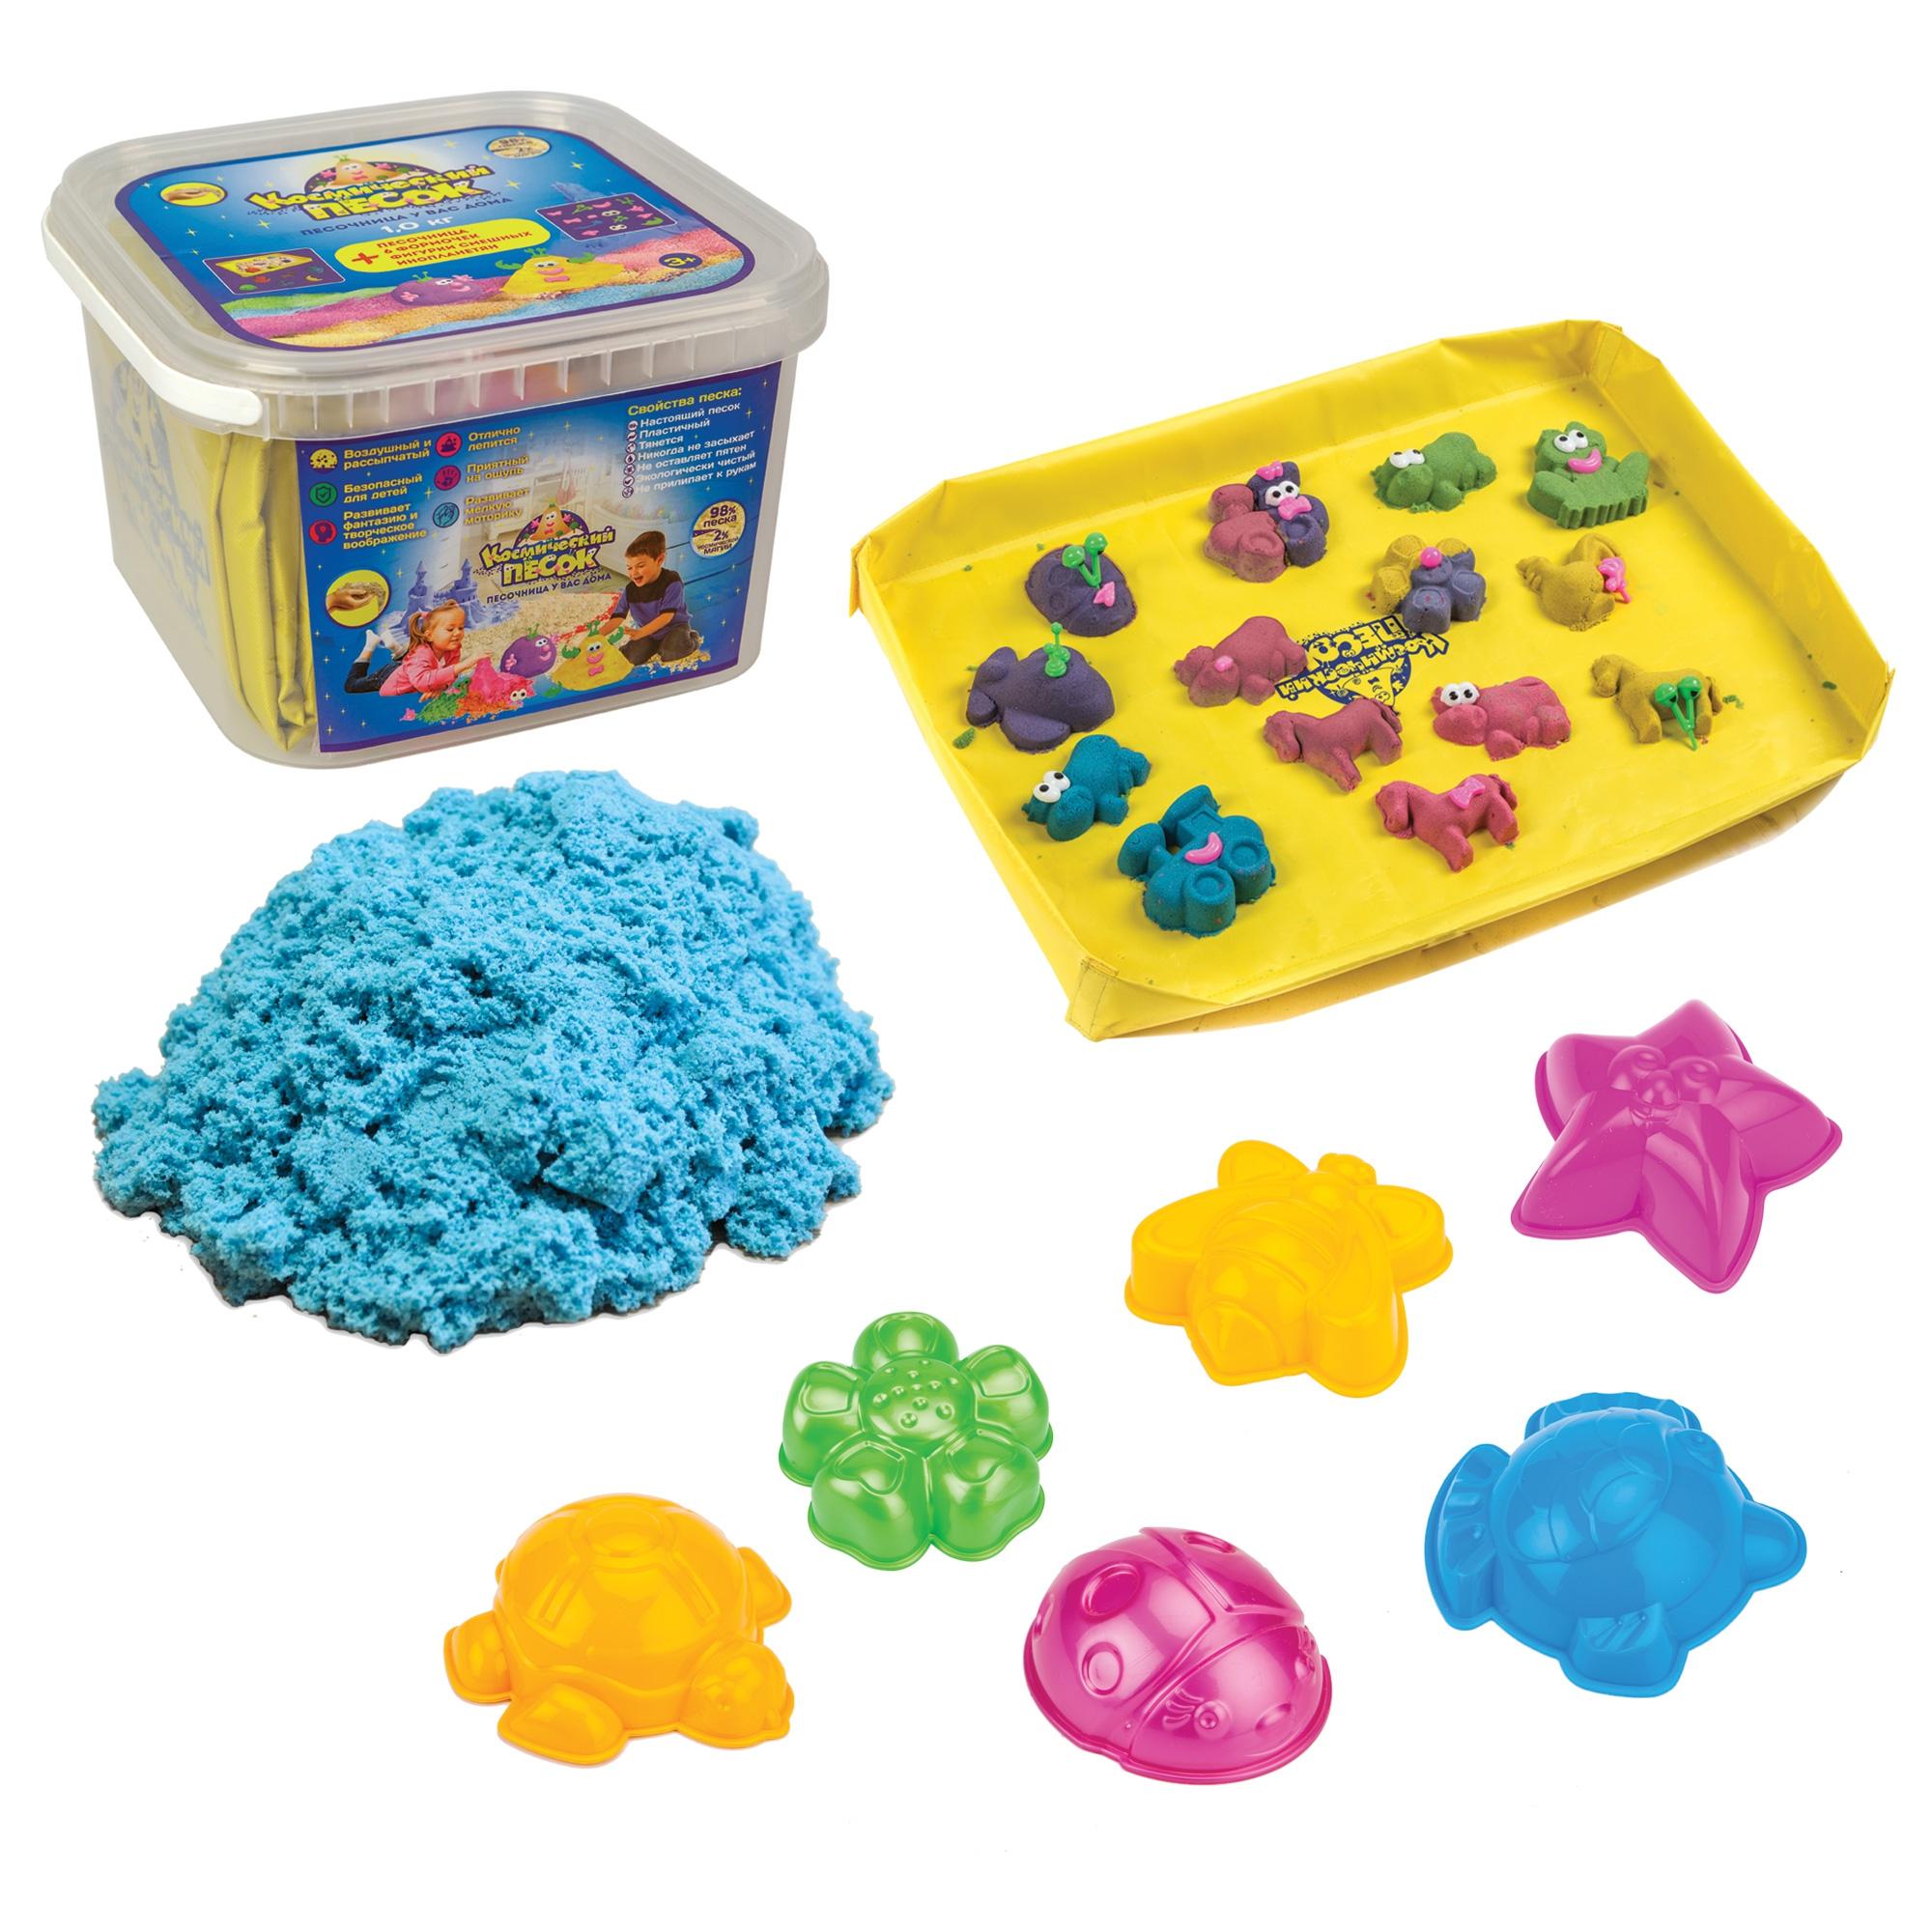 Песок Космический песок Голубой 1 кг всё для лепки molly космический песок замок из волшебного песка 1 кг